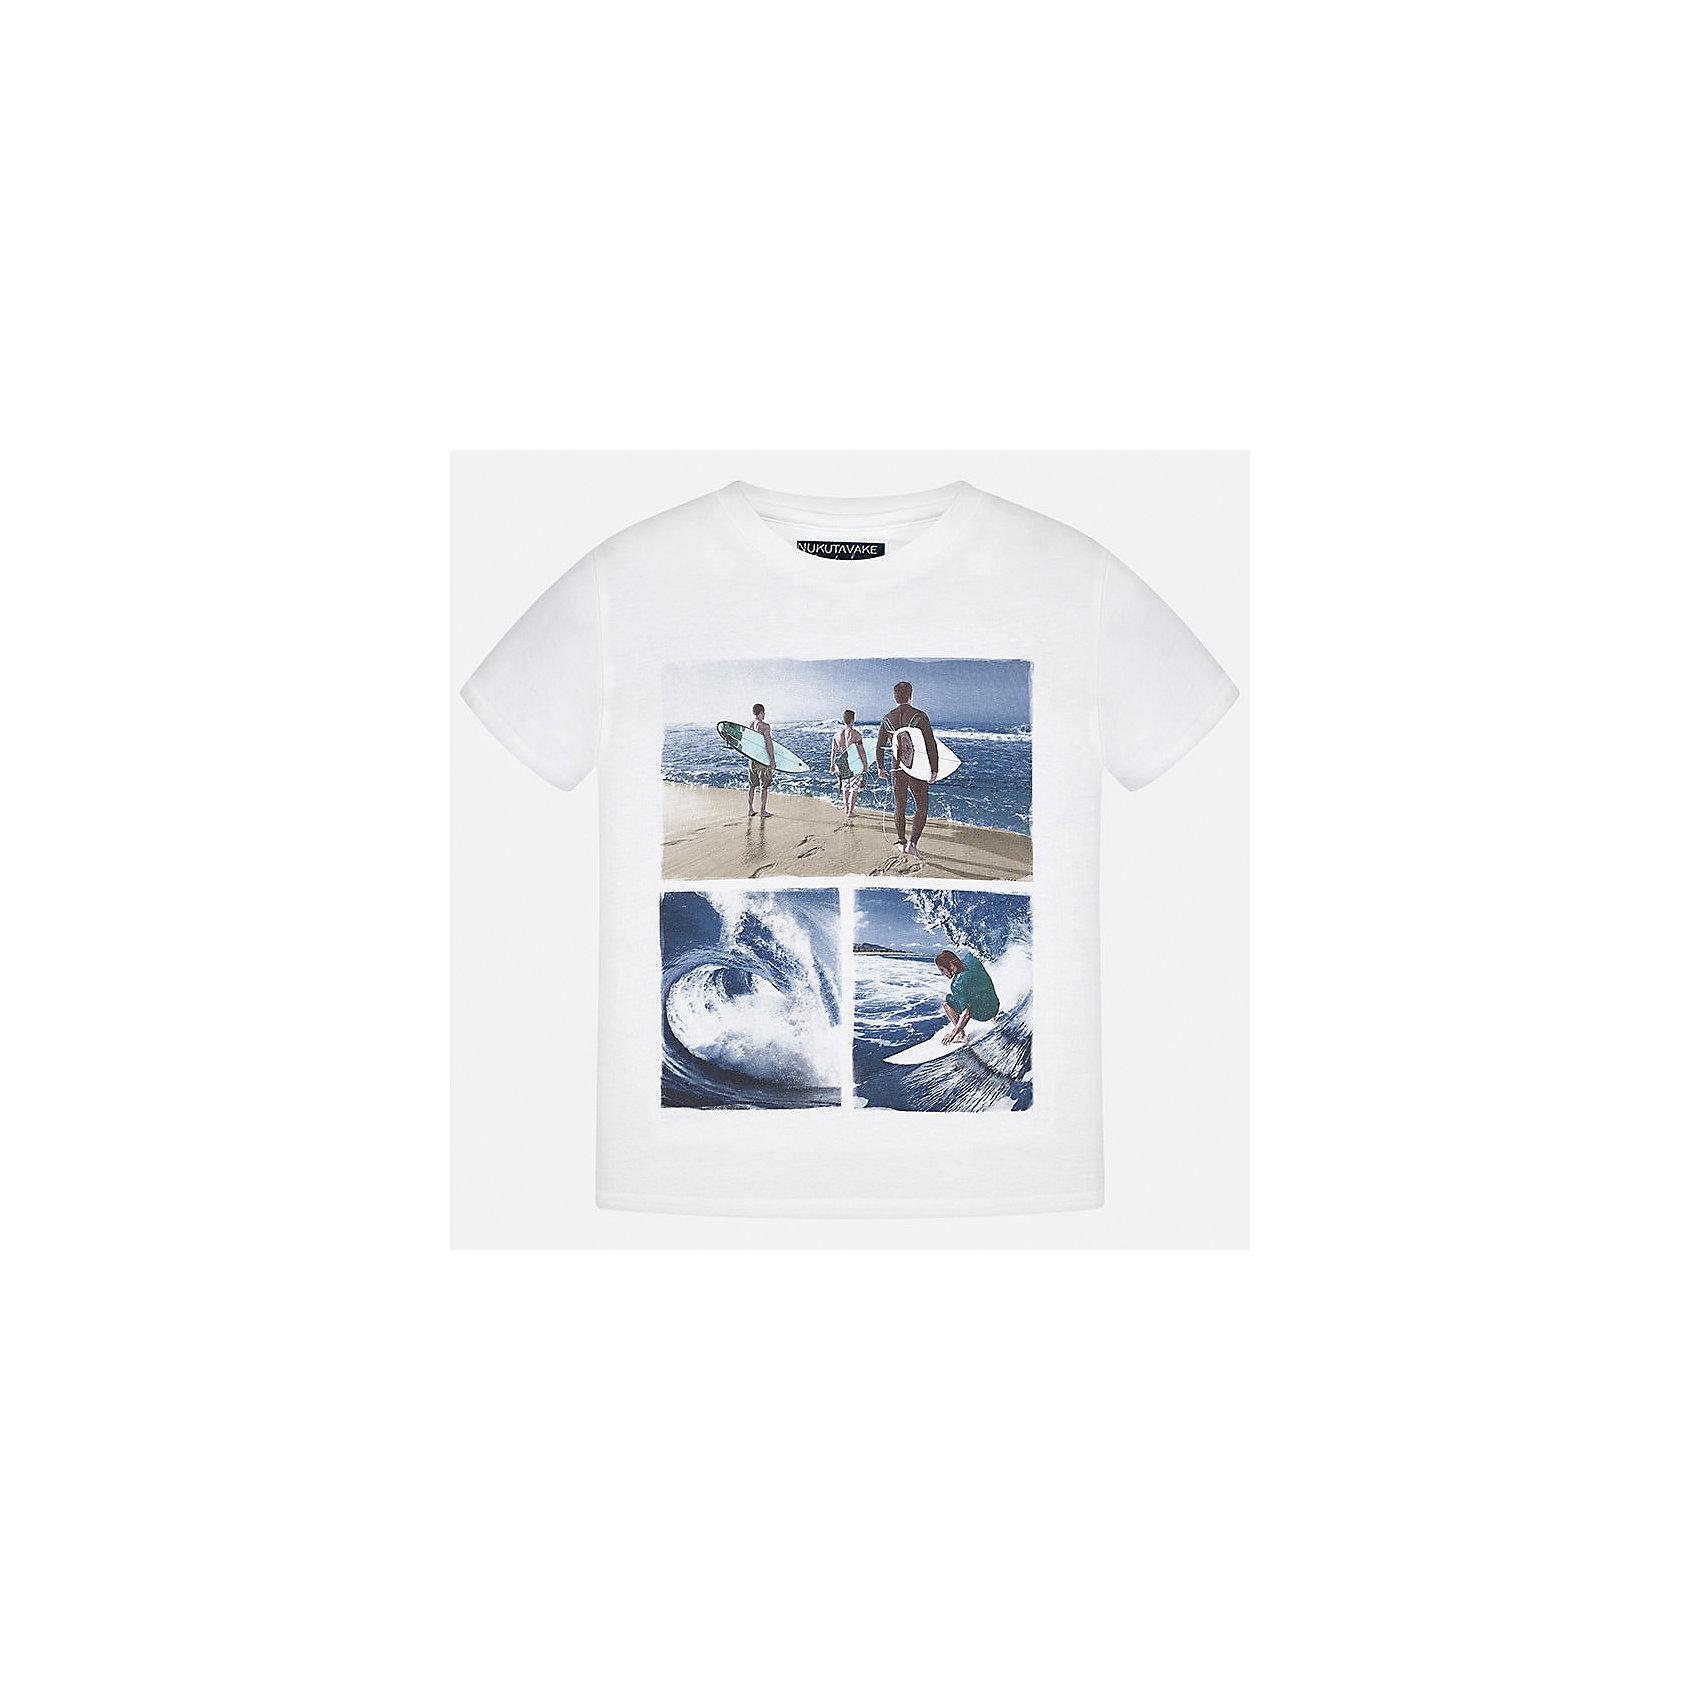 Футболка для мальчика MayoralФутболки, поло и топы<br>Характеристики товара:<br><br>• цвет: белый<br>• состав: 100% хлопок<br>• круглый горловой вырез<br>• принт впереди<br>• короткие рукава<br>• отделка горловины<br>• страна бренда: Испания<br><br>Стильная футболка с принтом поможет разнообразить гардероб мальчика. Она отлично сочетается с брюками, шортами, джинсами и т.д. Универсальный крой и цвет позволяет подобрать к вещи низ разных расцветок. Практичное и стильное изделие! В составе материала - только натуральный хлопок, гипоаллергенный, приятный на ощупь, дышащий.<br><br>Одежда, обувь и аксессуары от испанского бренда Mayoral полюбились детям и взрослым по всему миру. Модели этой марки - стильные и удобные. Для их производства используются только безопасные, качественные материалы и фурнитура. Порадуйте ребенка модными и красивыми вещами от Mayoral! <br><br>Футболку-поло для мальчика от испанского бренда Mayoral (Майорал) можно купить в нашем интернет-магазине.<br><br>Ширина мм: 199<br>Глубина мм: 10<br>Высота мм: 161<br>Вес г: 151<br>Цвет: бежевый<br>Возраст от месяцев: 144<br>Возраст до месяцев: 156<br>Пол: Женский<br>Возраст: Детский<br>Размер: 158,140,128,170,128/134,164,152<br>SKU: 3993348